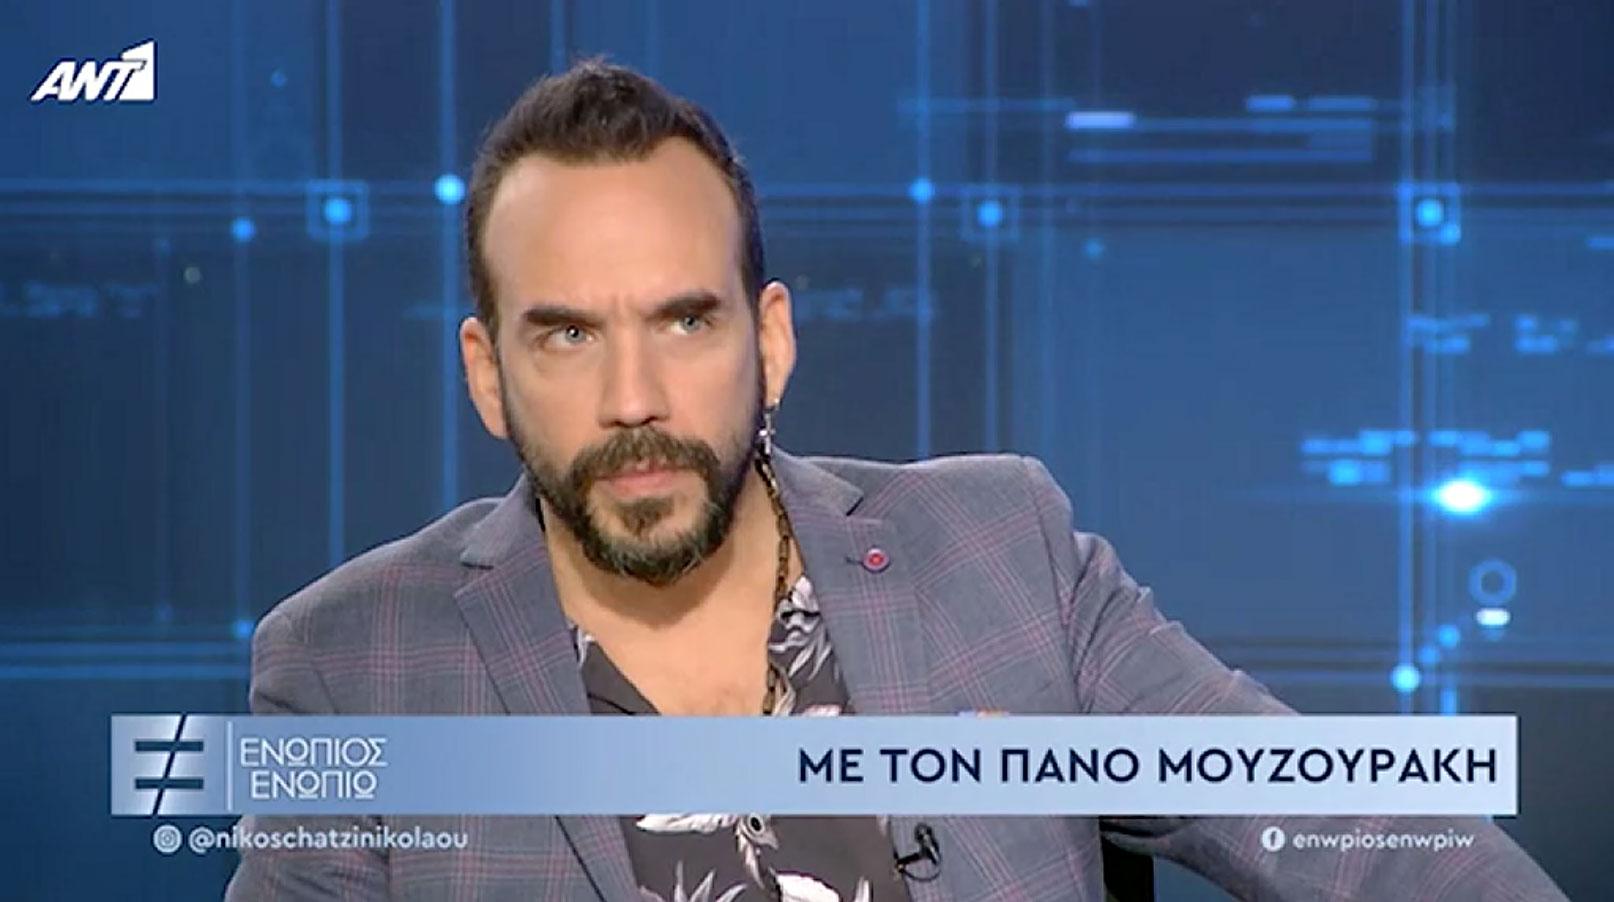 Πάνος Μουζουράκης: «Με έβαλε σε ένα αμάξι και με πήγε σε ένα δάσος»